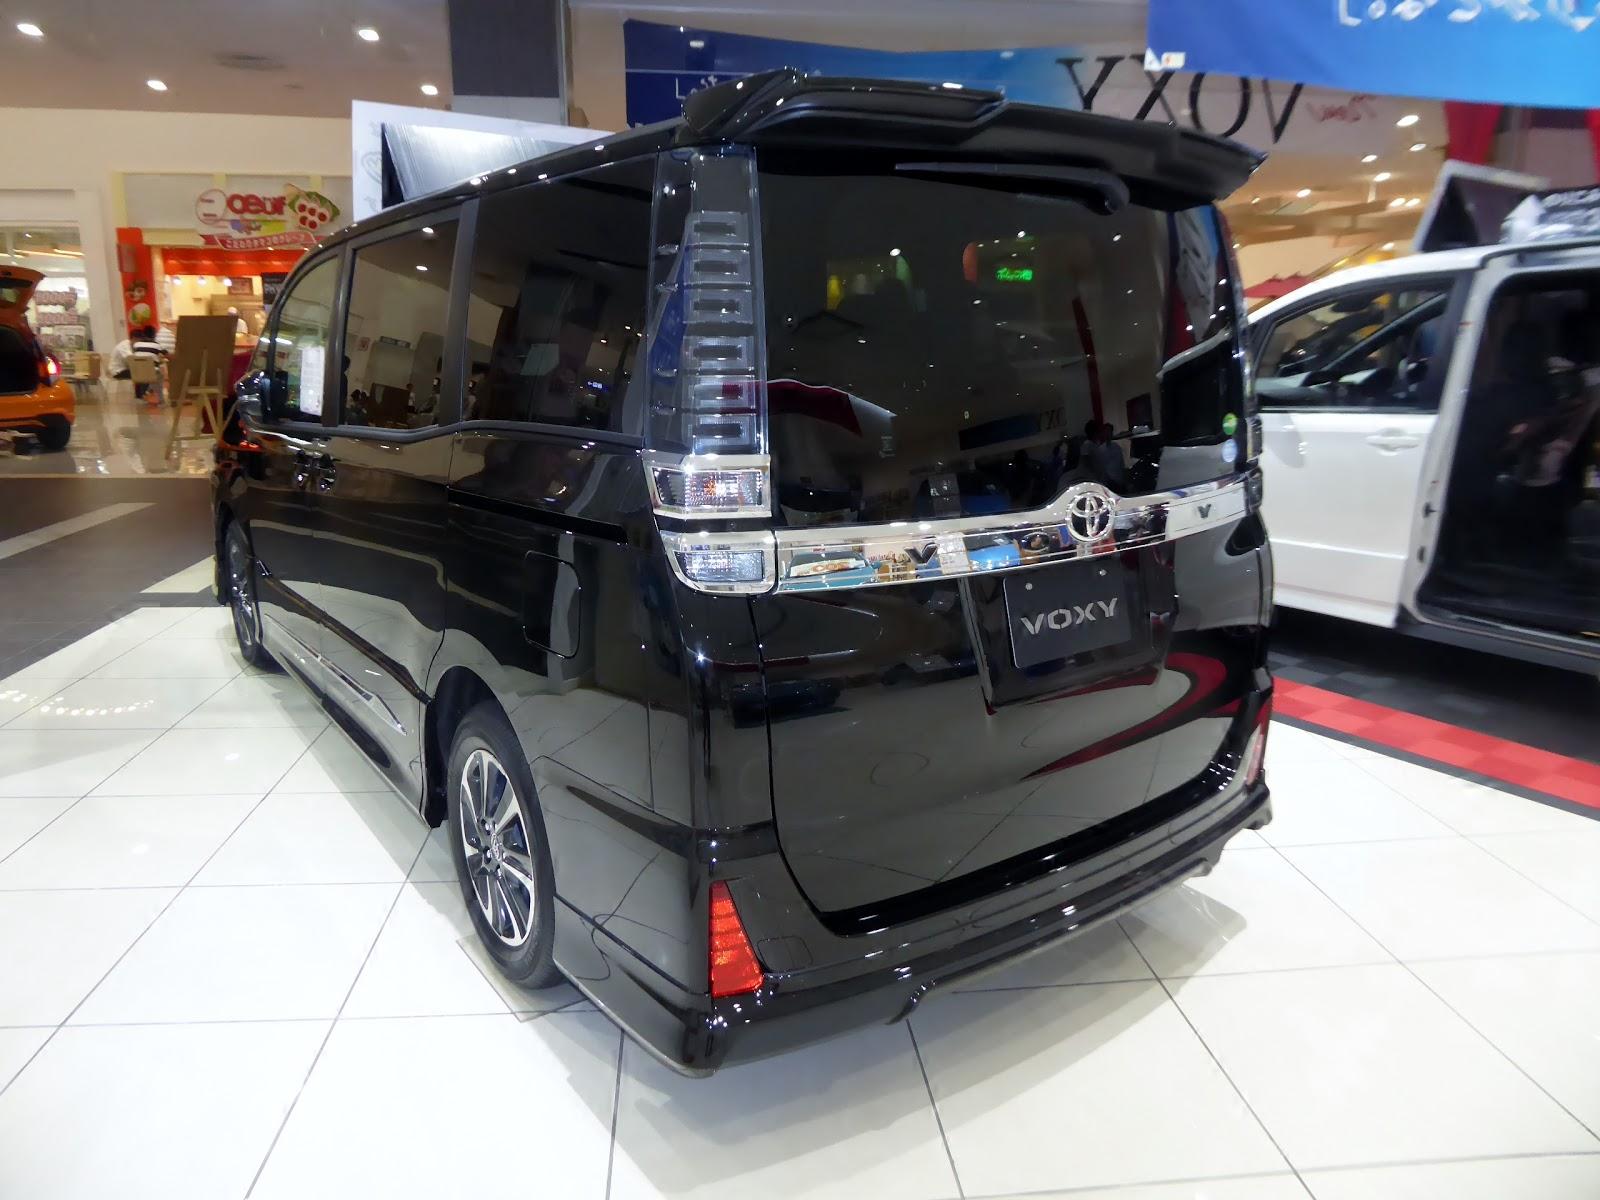 Toyota Voxy Versi Murah Dari Alphard Otonymous